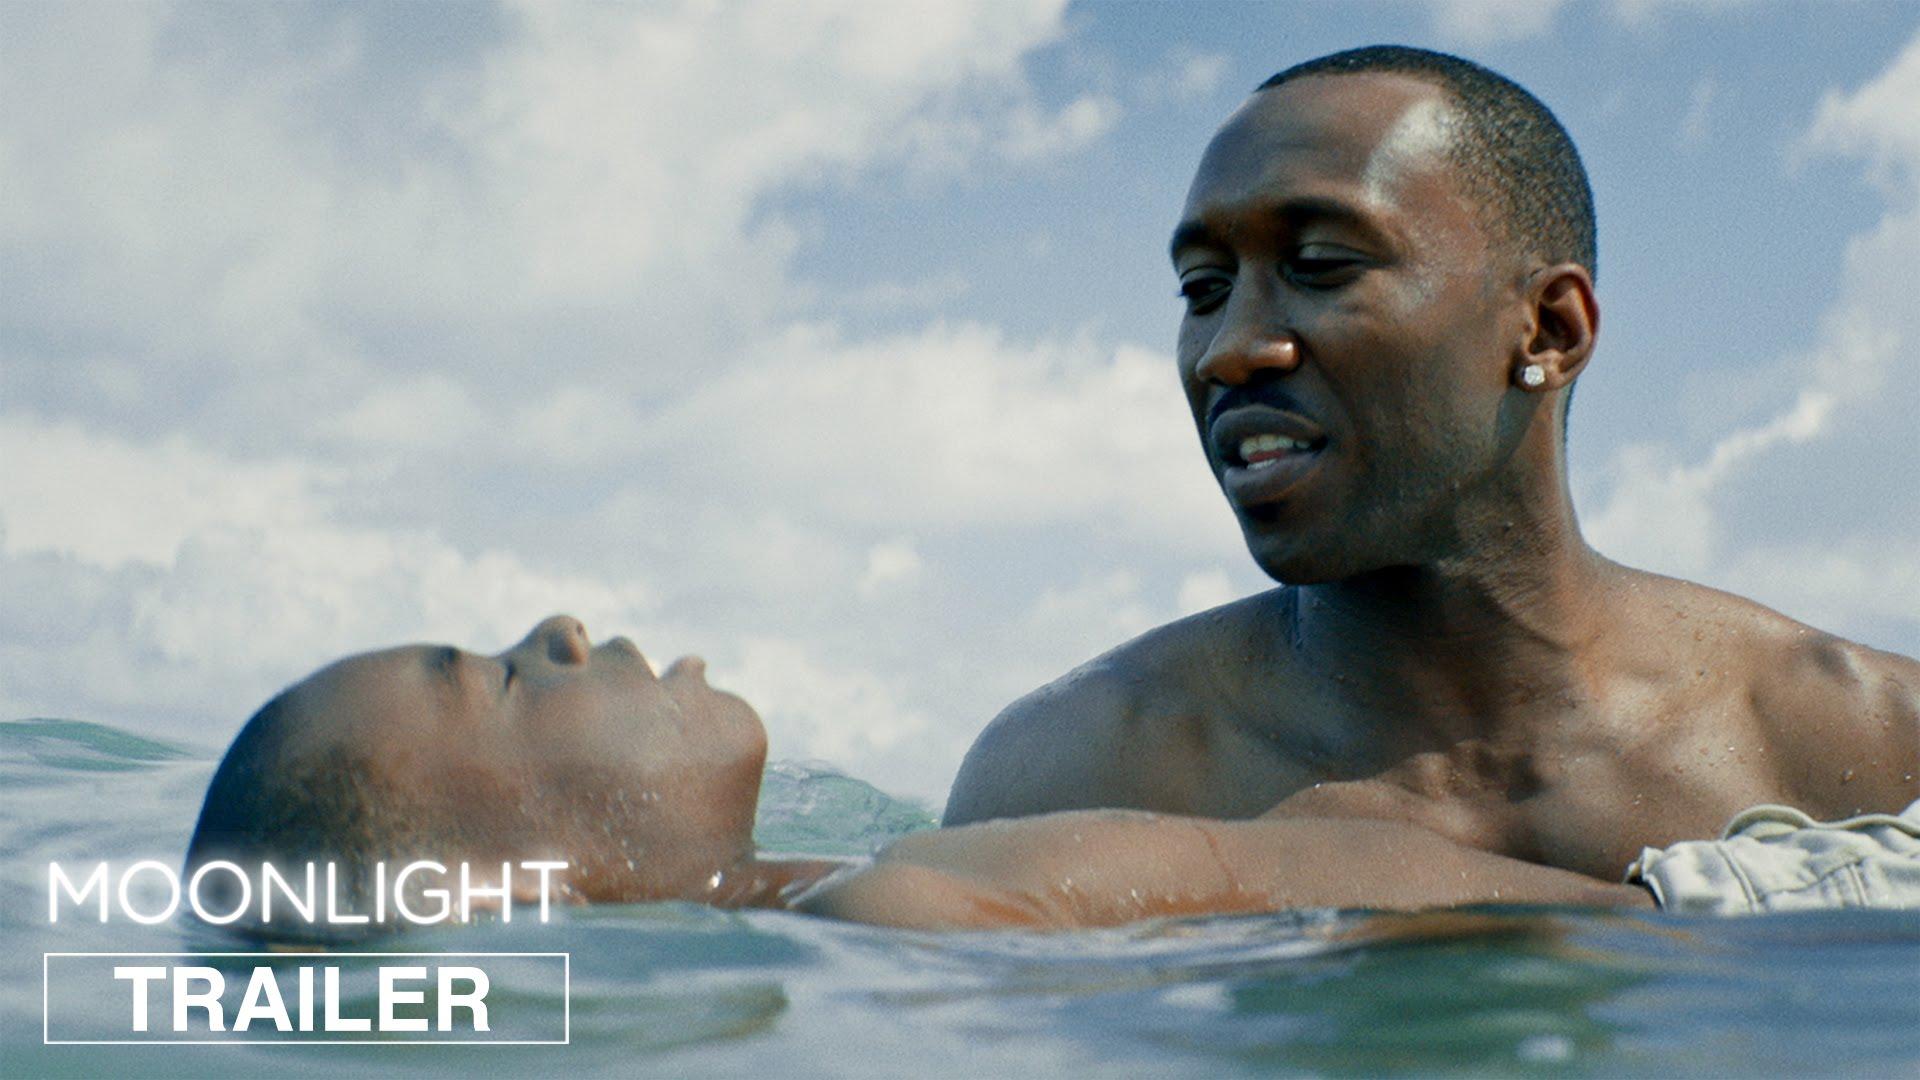 Moonlight (2016) video/trailer